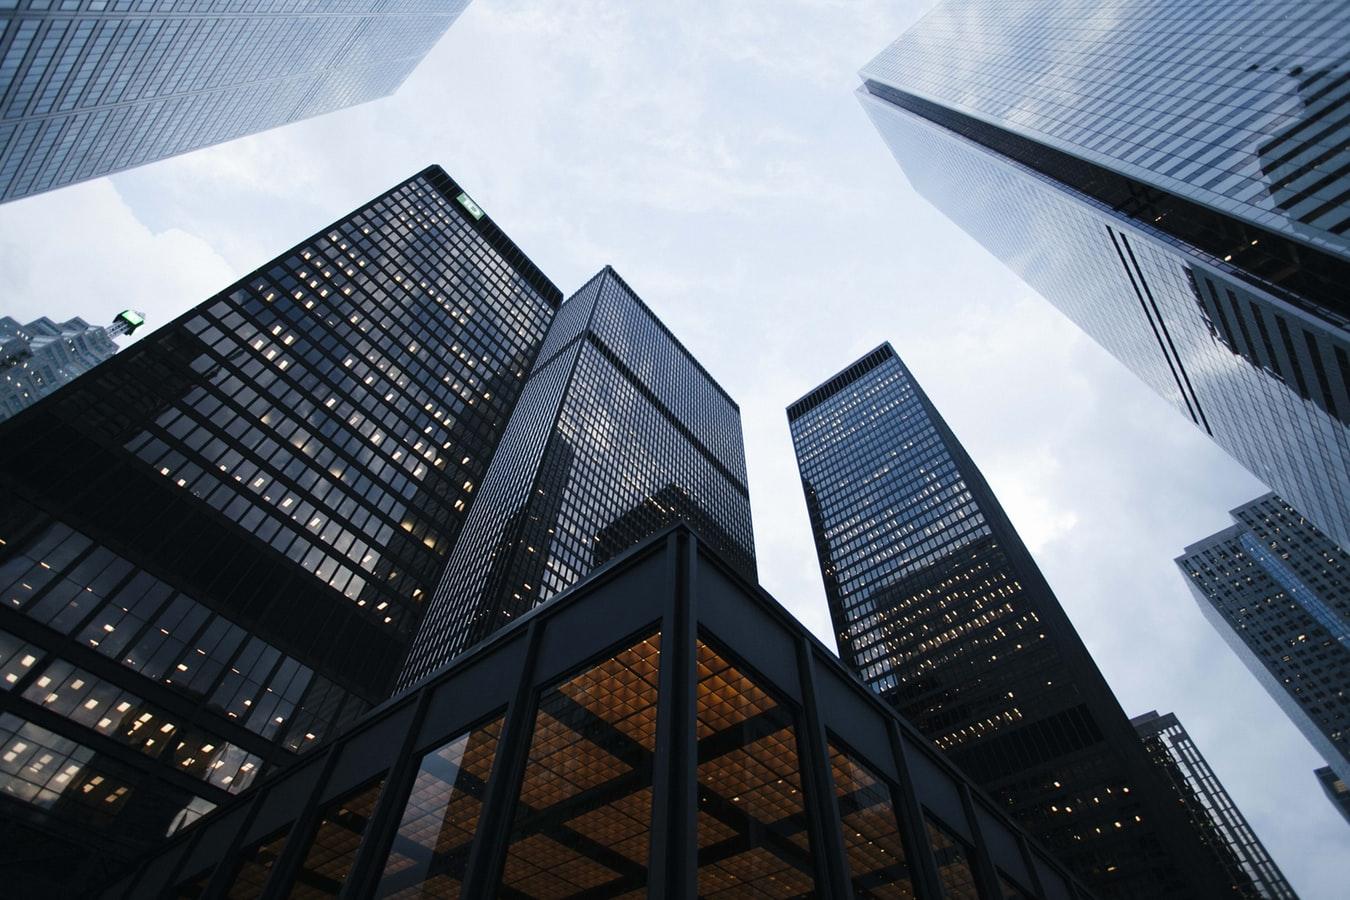 Особенности обслуживания системы пожарной безопасности GST на объектах коммерческой недвижимости